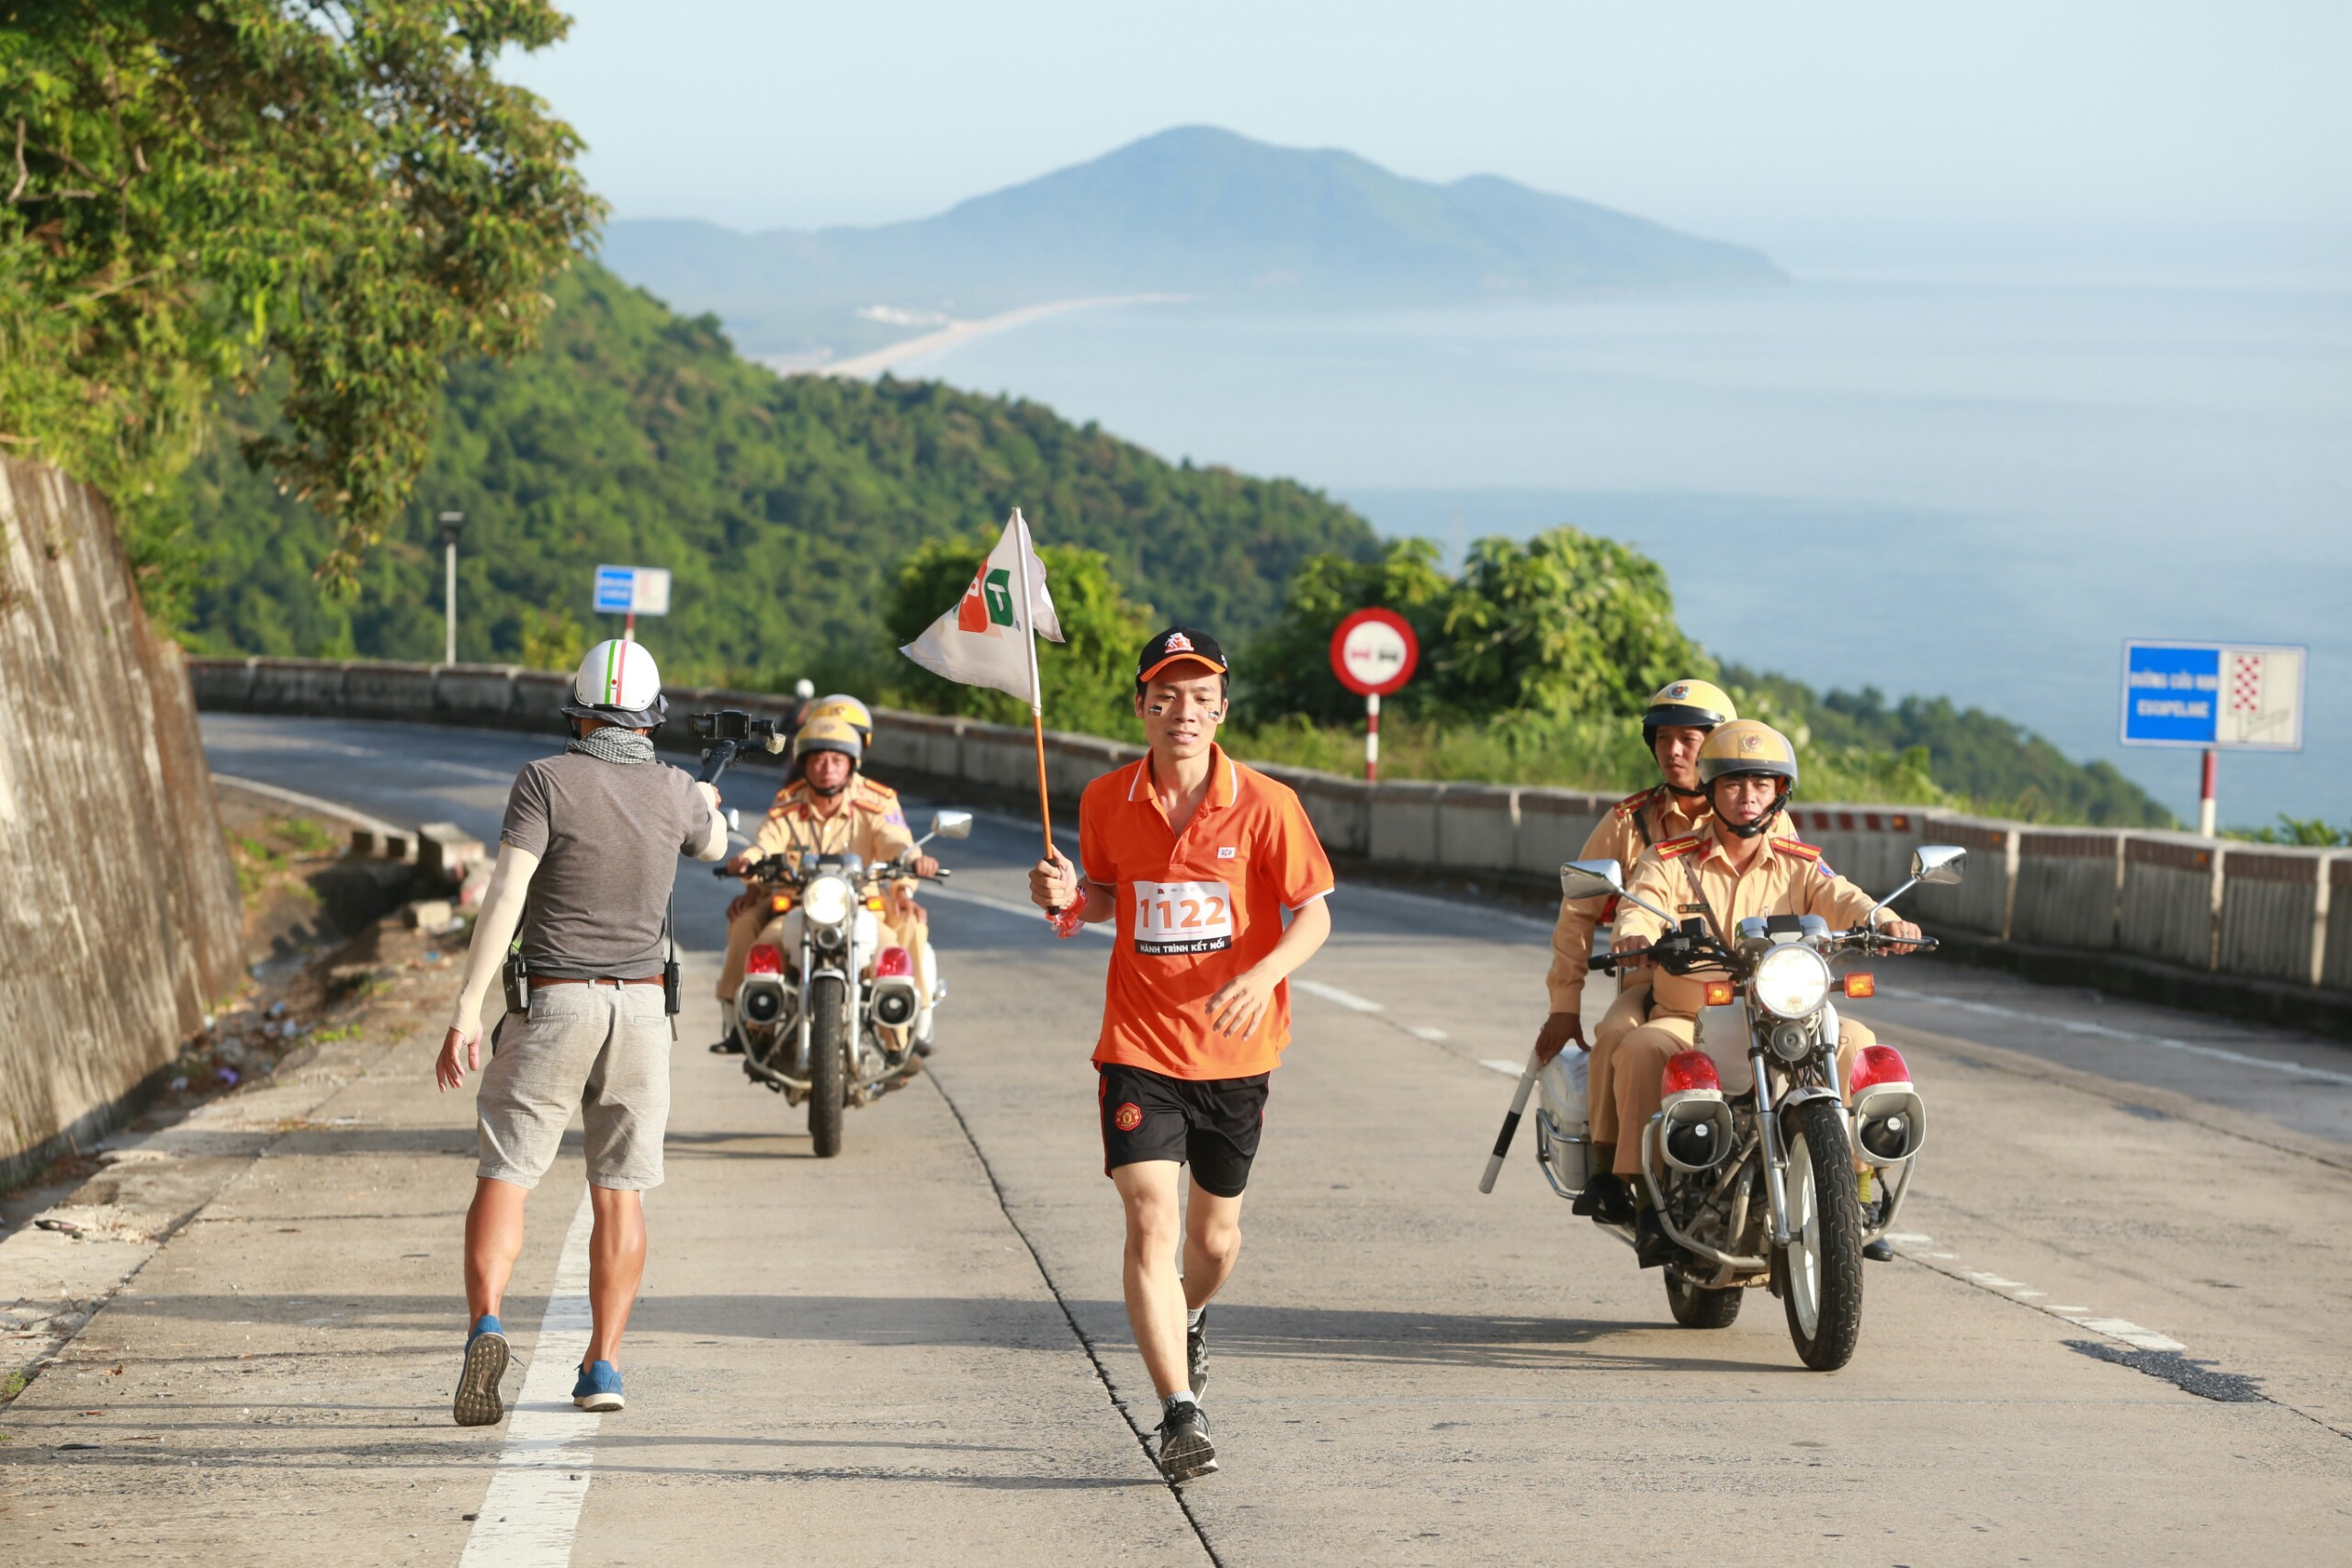 Nắng vàng rực rỡ tỏa sáng lá cờ FPT. Đường đèo dốc và dài khiến vận tốc của các vận động viên giảm đi đáng kể vì 1km đường đèo tương đương với 2km đường bằng phẳng bình thường.